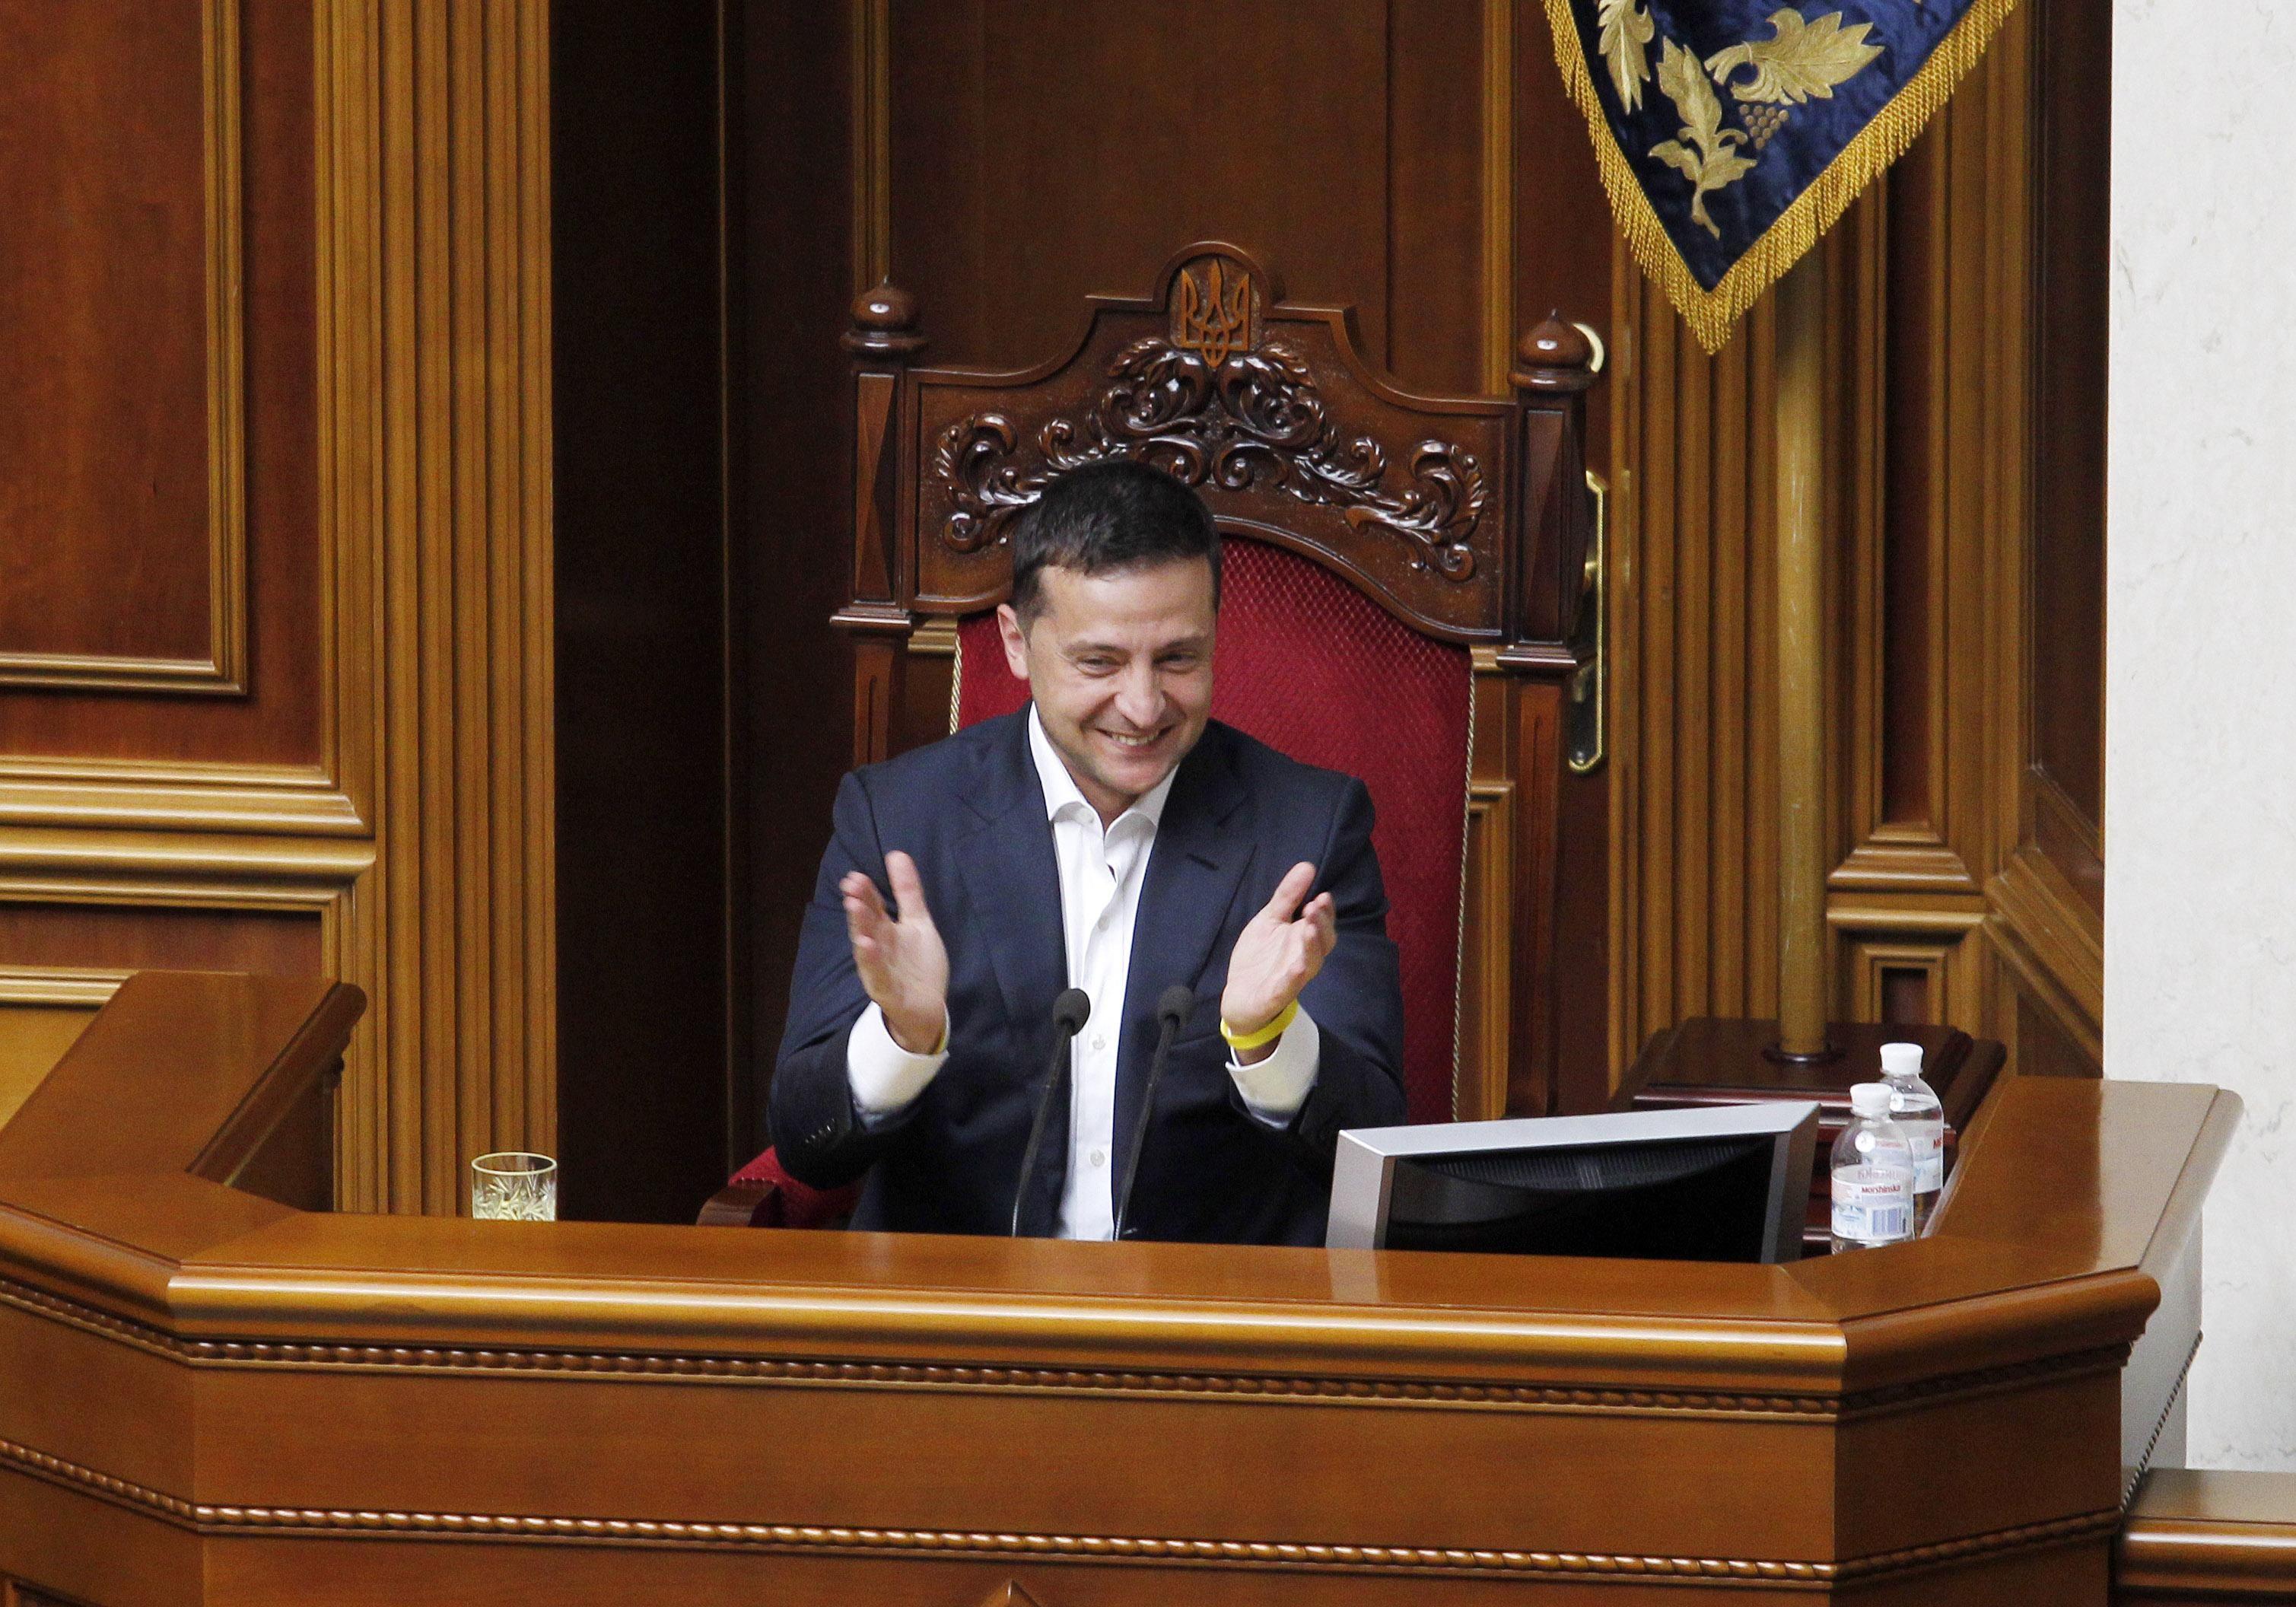 Гучні звільнення Зеленського: як змінилась Рада після виборів - 24 Канал